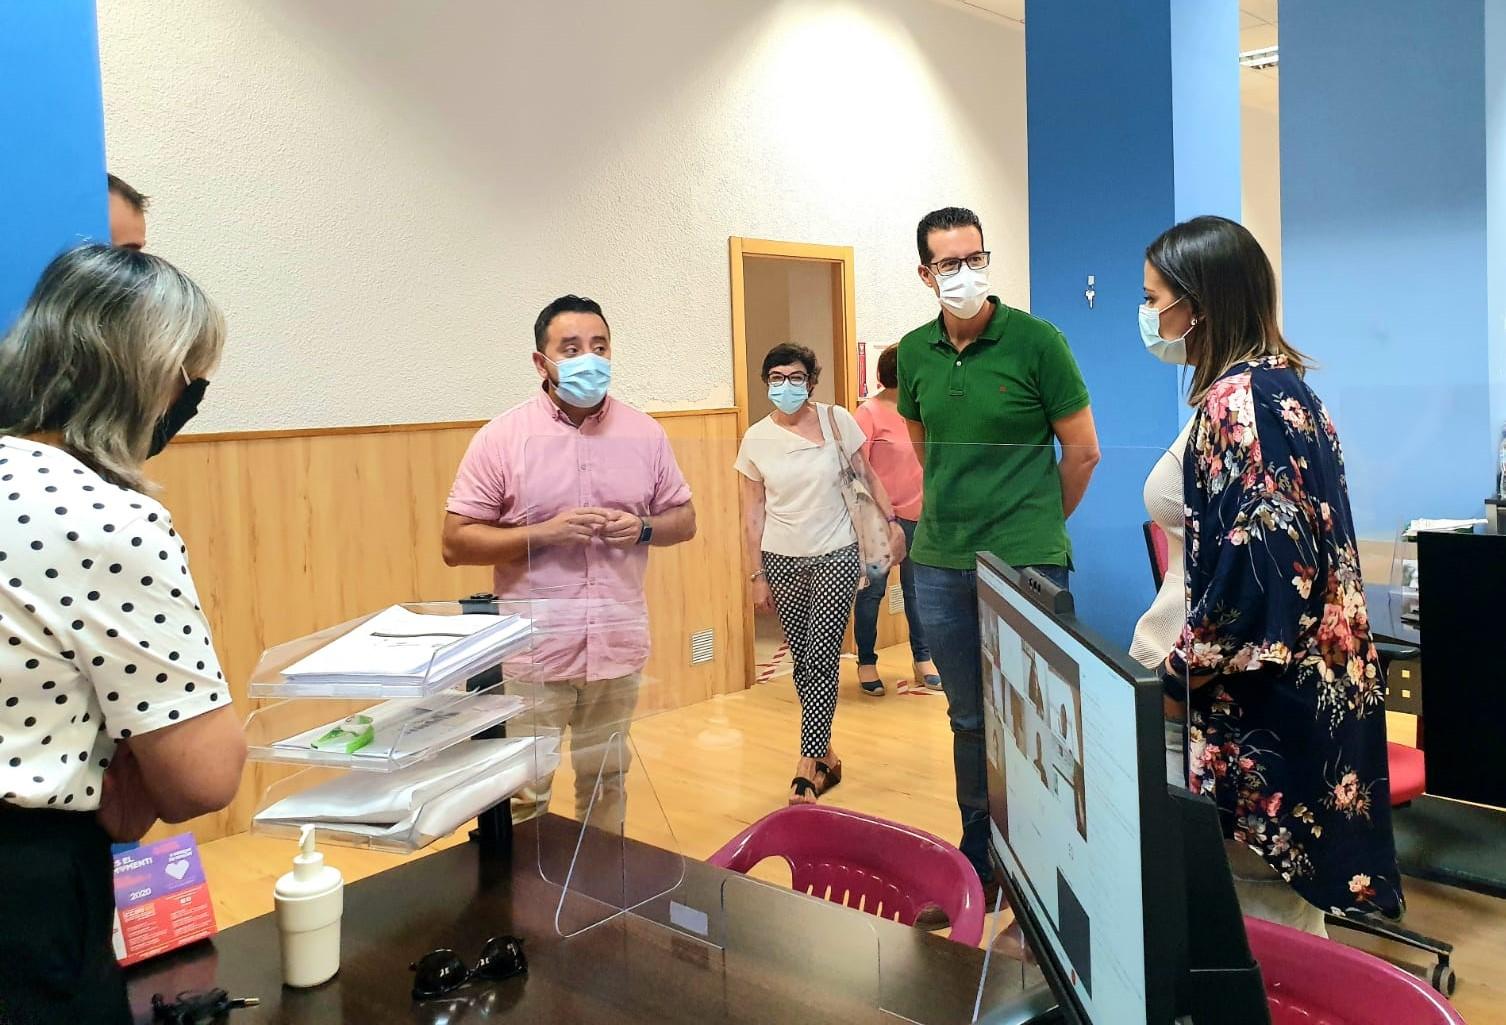 El secretario autonómico de Transparencia y Participación visita la Oficina Prop ubicada en el Ayuntamiento de Elda